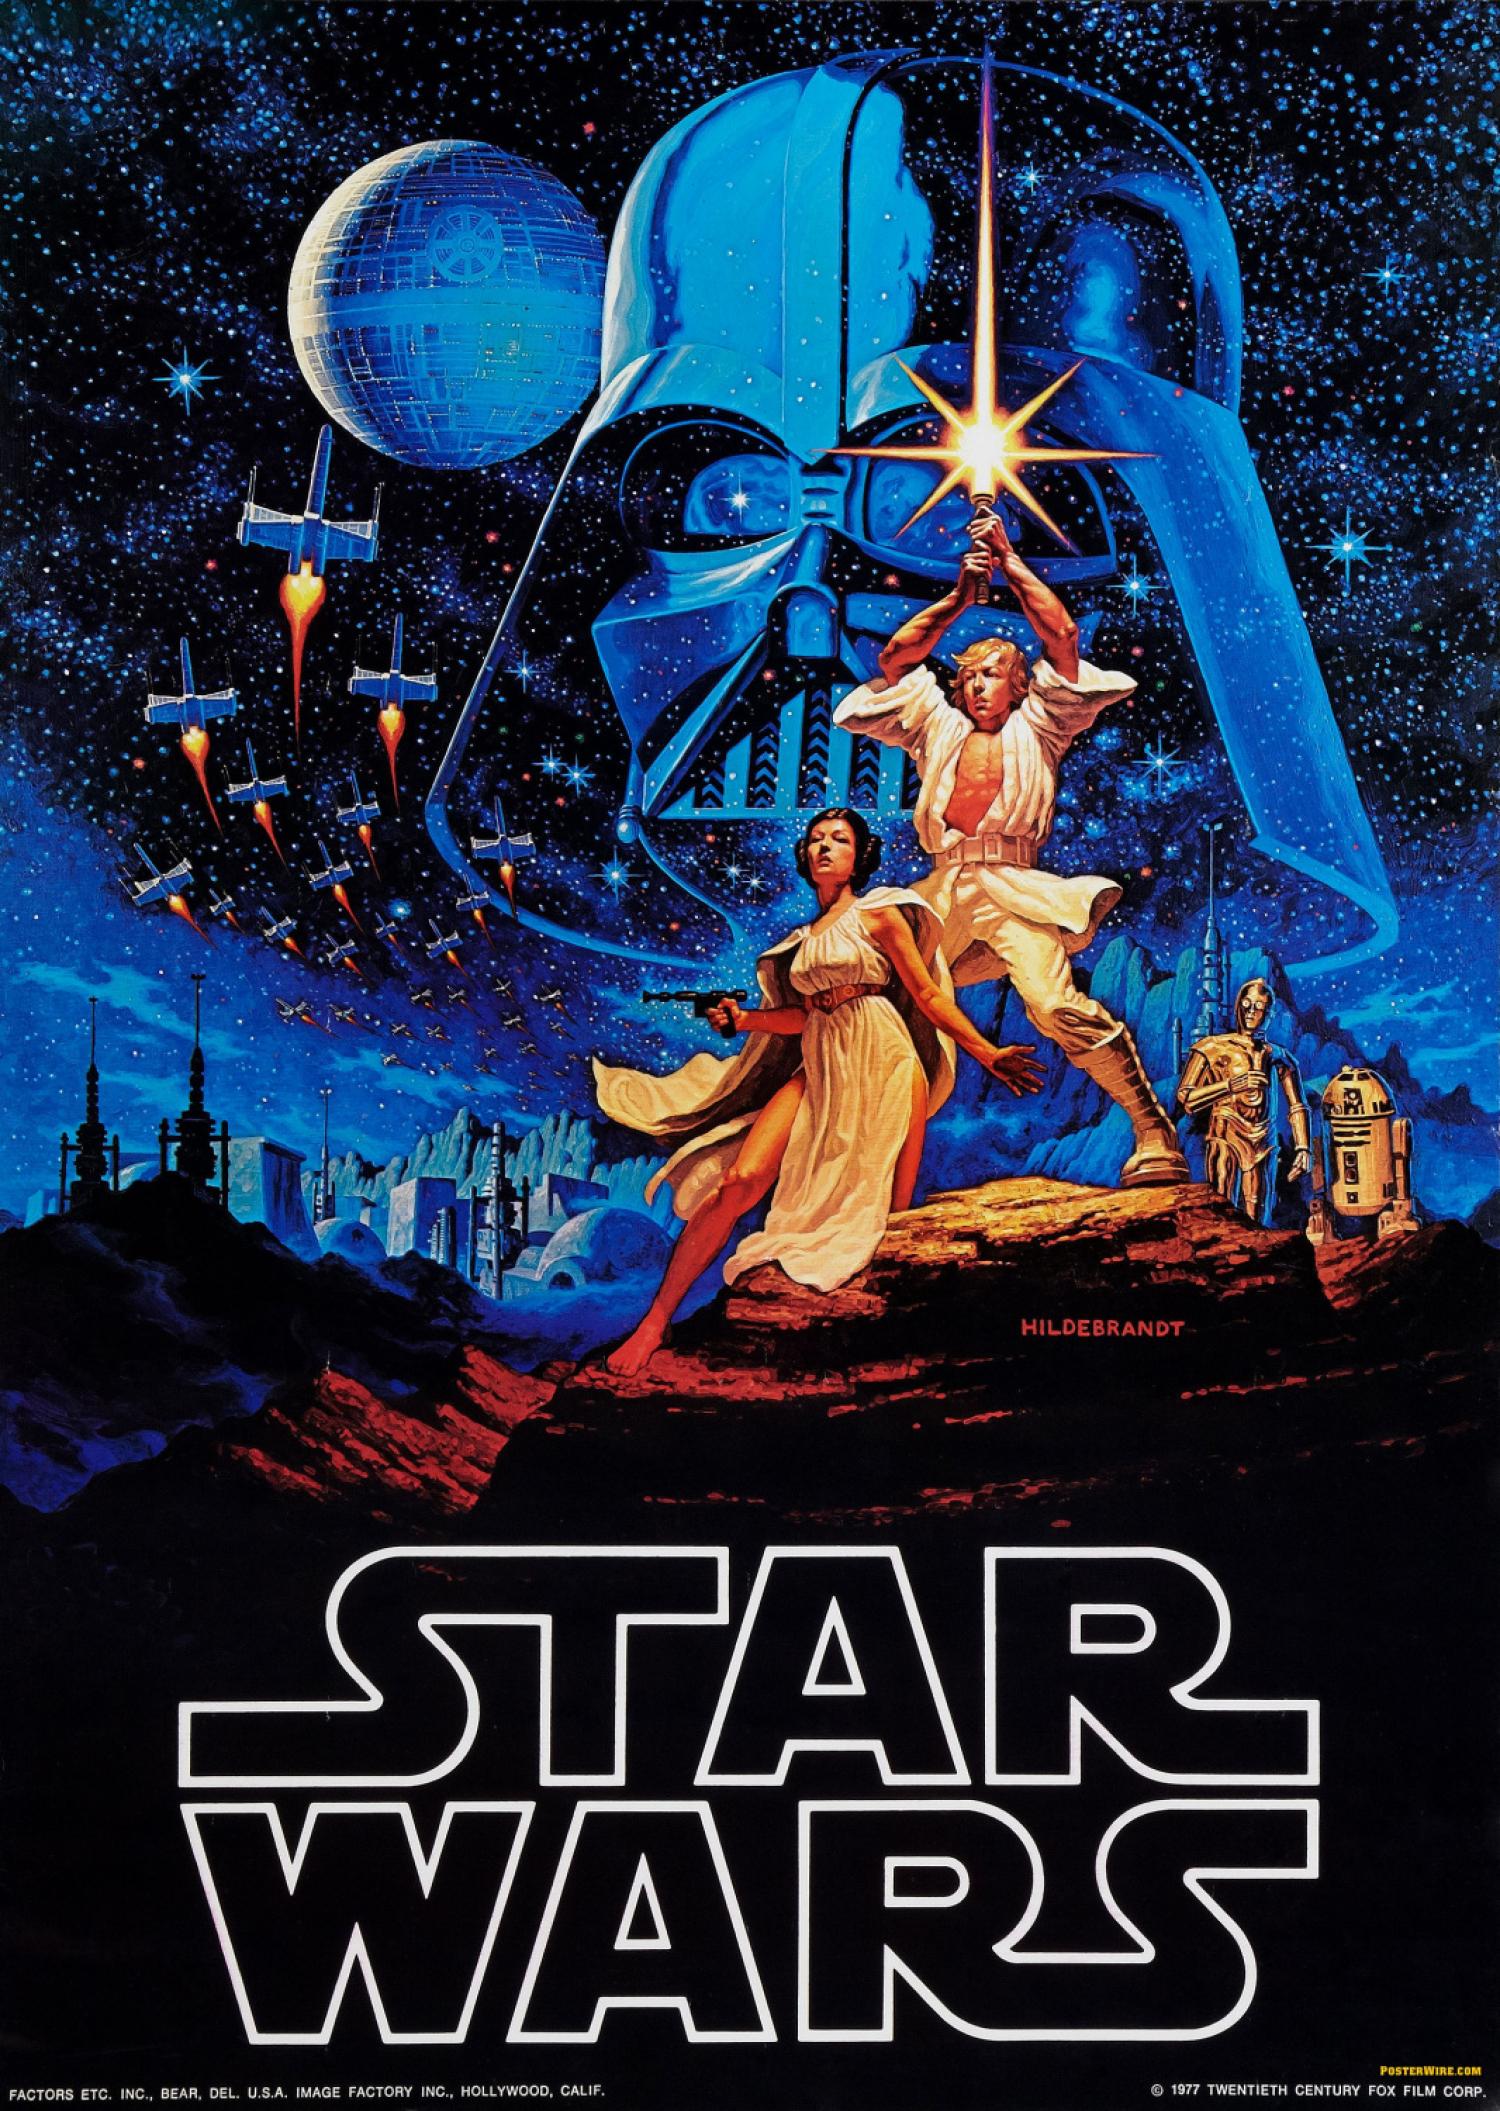 <p><strong>WOW Spazio Fumetto riapre le sue porte virtuali e vi invita a prendere un aperitivo virtuale!</strong></p><p>Con il secondo appuntamento di&nbsp;<strong>luned&igrave; 4 maggio dalle ore 17:30, festeggeremo insieme lo Star Wars Day 2020,</strong>&nbsp;con un incontro dedicato alle radici fumettistiche che portarono il regista <strong>George Lucas</strong> alla creazione della sua mitica saga. Grande divoratore di fumetti e di romanzi fantasy, ma anche di saggi, Lucas aveva fin da ragazzo un grande sogno: girare un film ispirato alla sua serie a fumetti preferita. Quale? Lo scopriremo nel corso della nostra diretta dedicata proprio alle <strong>fonti che hanno ispirato la nascita della &ldquo;galassia lontana, lontana&rdquo;.&nbsp;</strong></p><p><strong>A&nbsp;parlare di questo stretto legame tra <em>Star Wars</em> e il mondo delle nuvolette saranno Enrico Ercole,&nbsp;</strong>grande appassionato della saga e curatore della mostra allestita presso WOW Spazio Fumetto nel 2016,&nbsp;e <strong>Luca Bertuzzi</strong>, curatore di WOW Spazio Fumetto.</p>